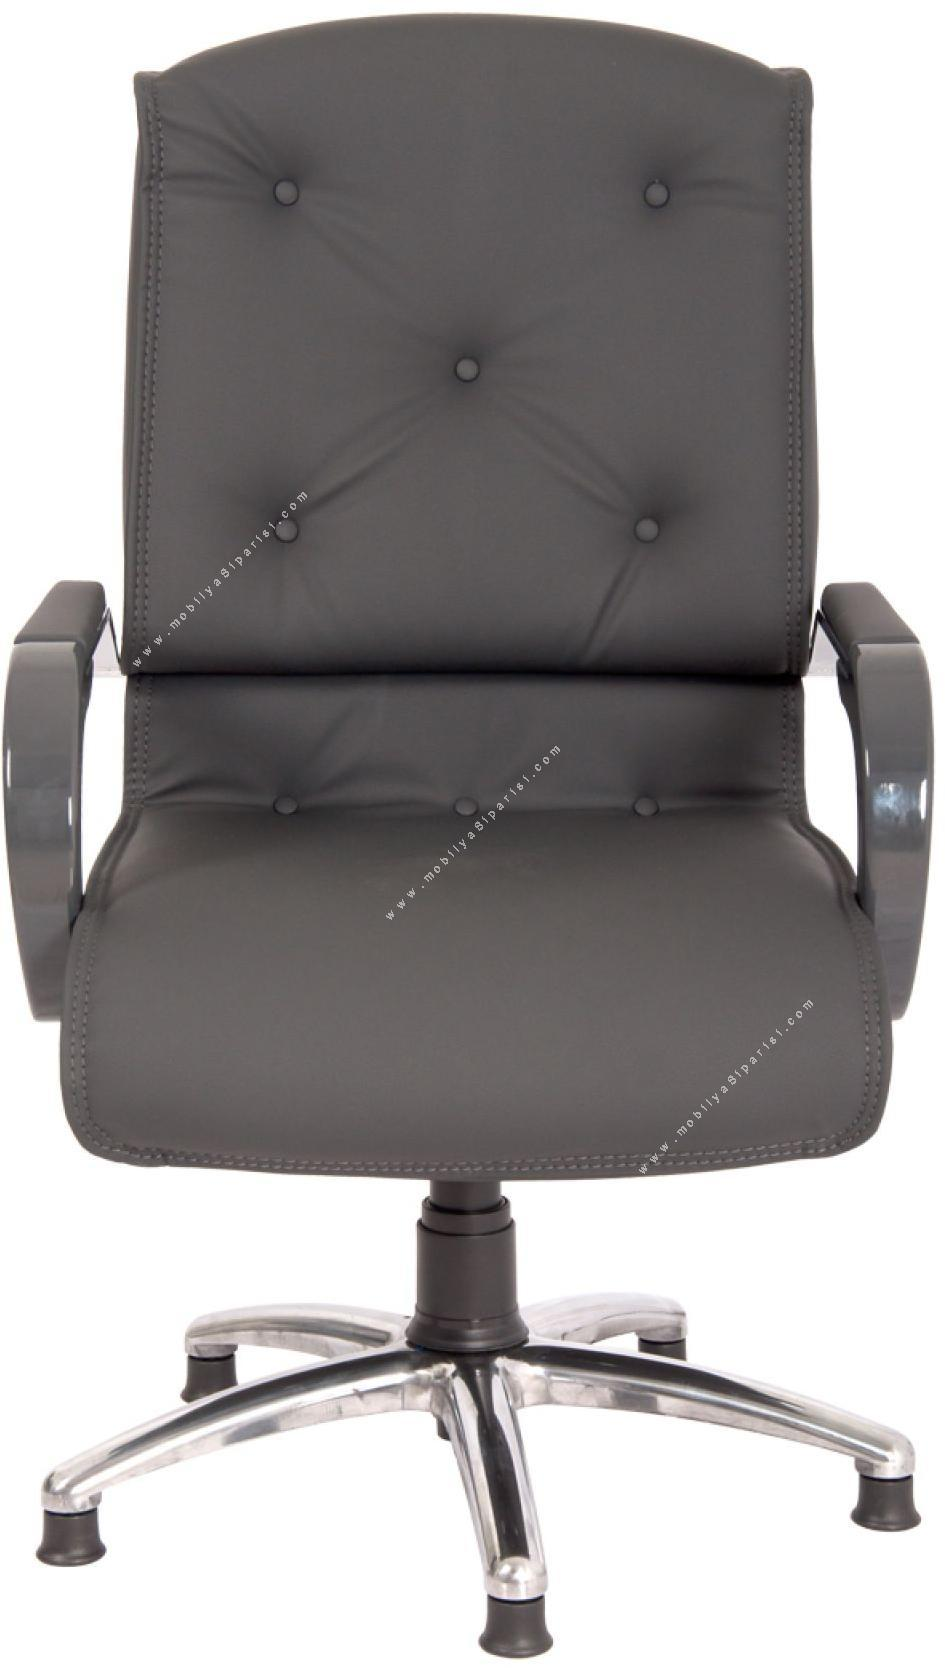 divares krom yıldız ayaklı misafir koltuğu